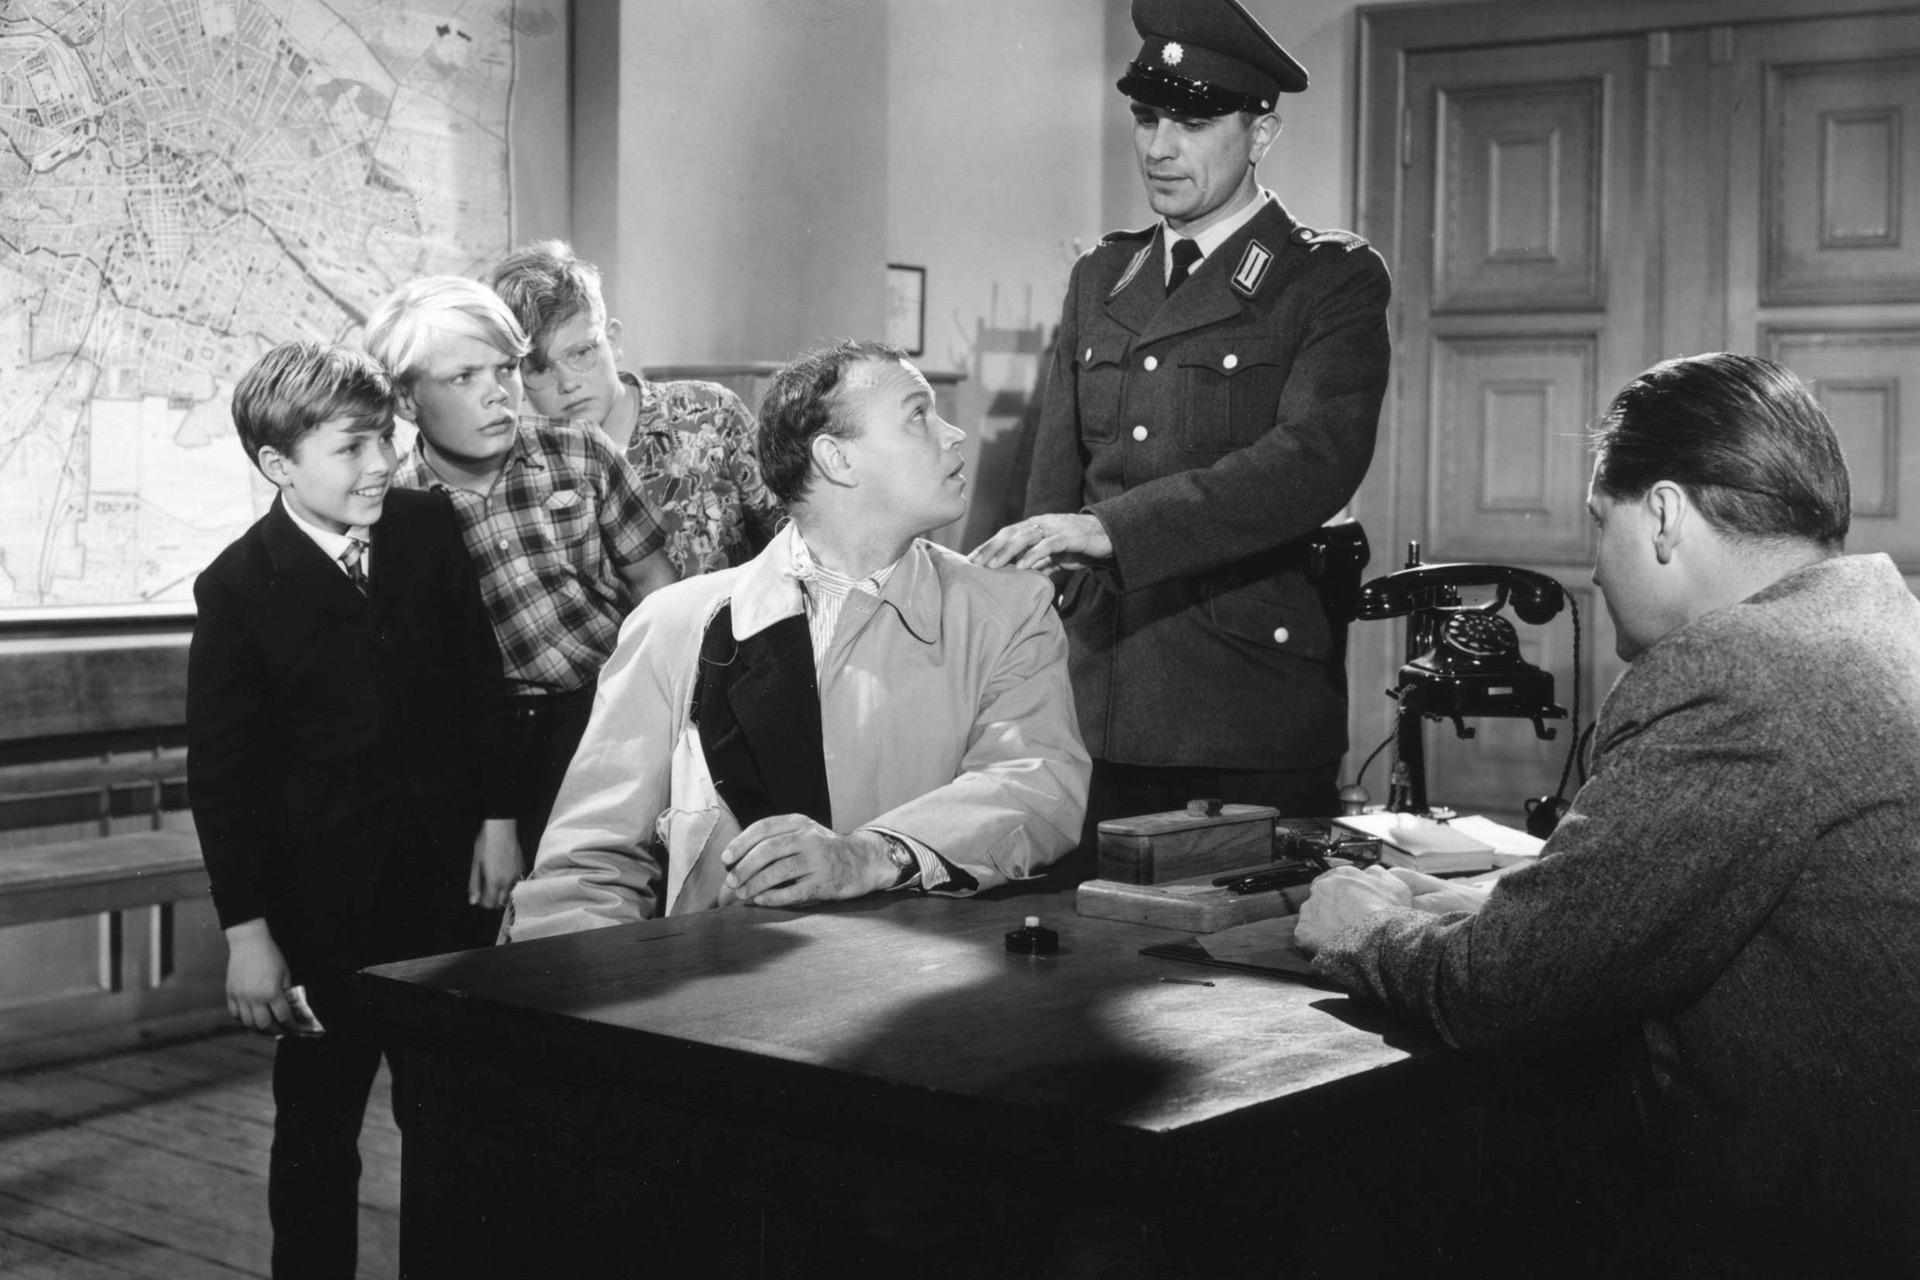 Emil Und Die Detektive Film